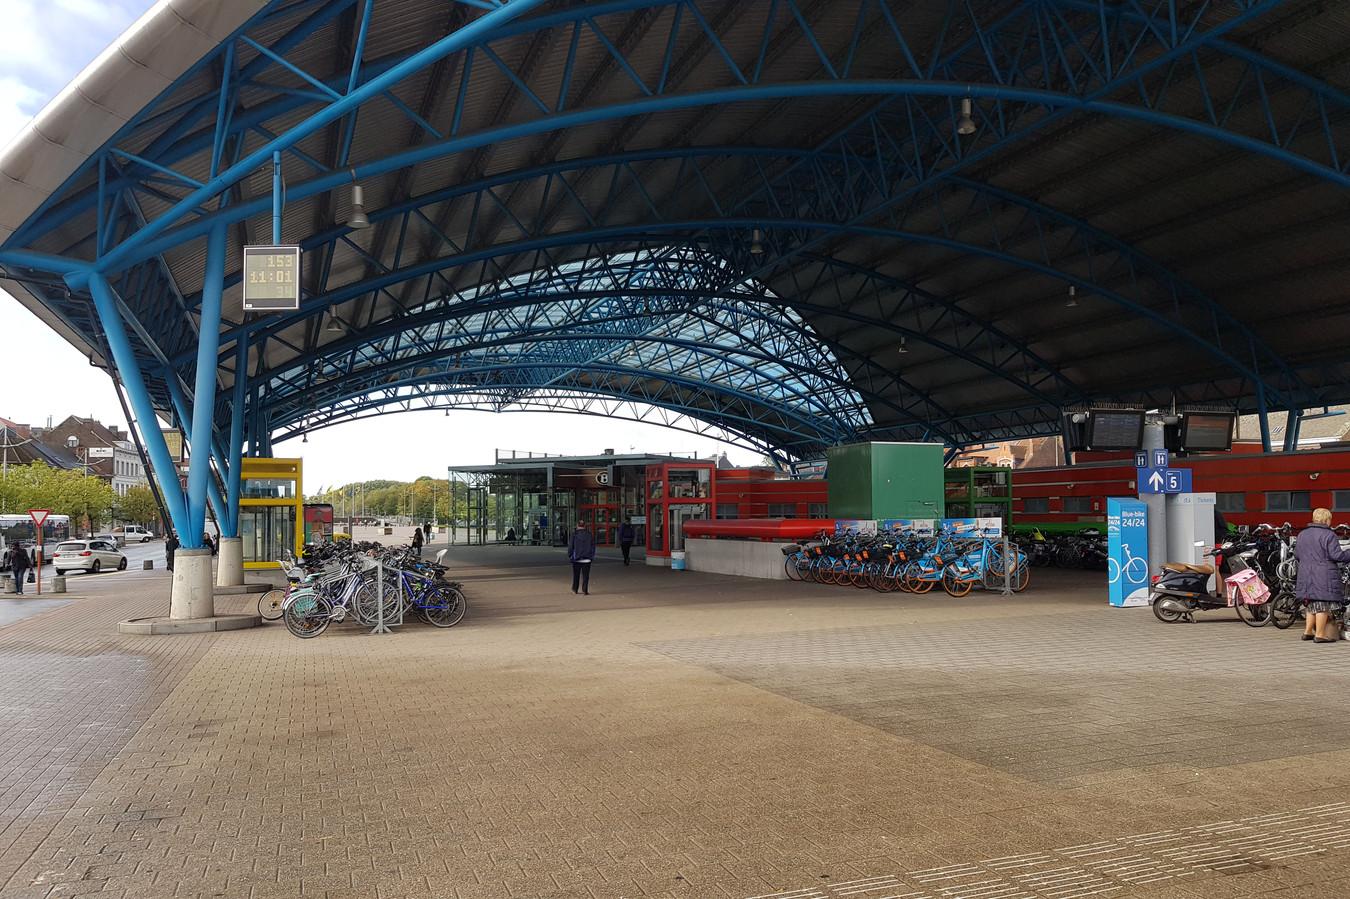 Niet alleen aan het station (foto) worden fietsen gestolen, maar heel wat diefstallen worden wel opgelost.